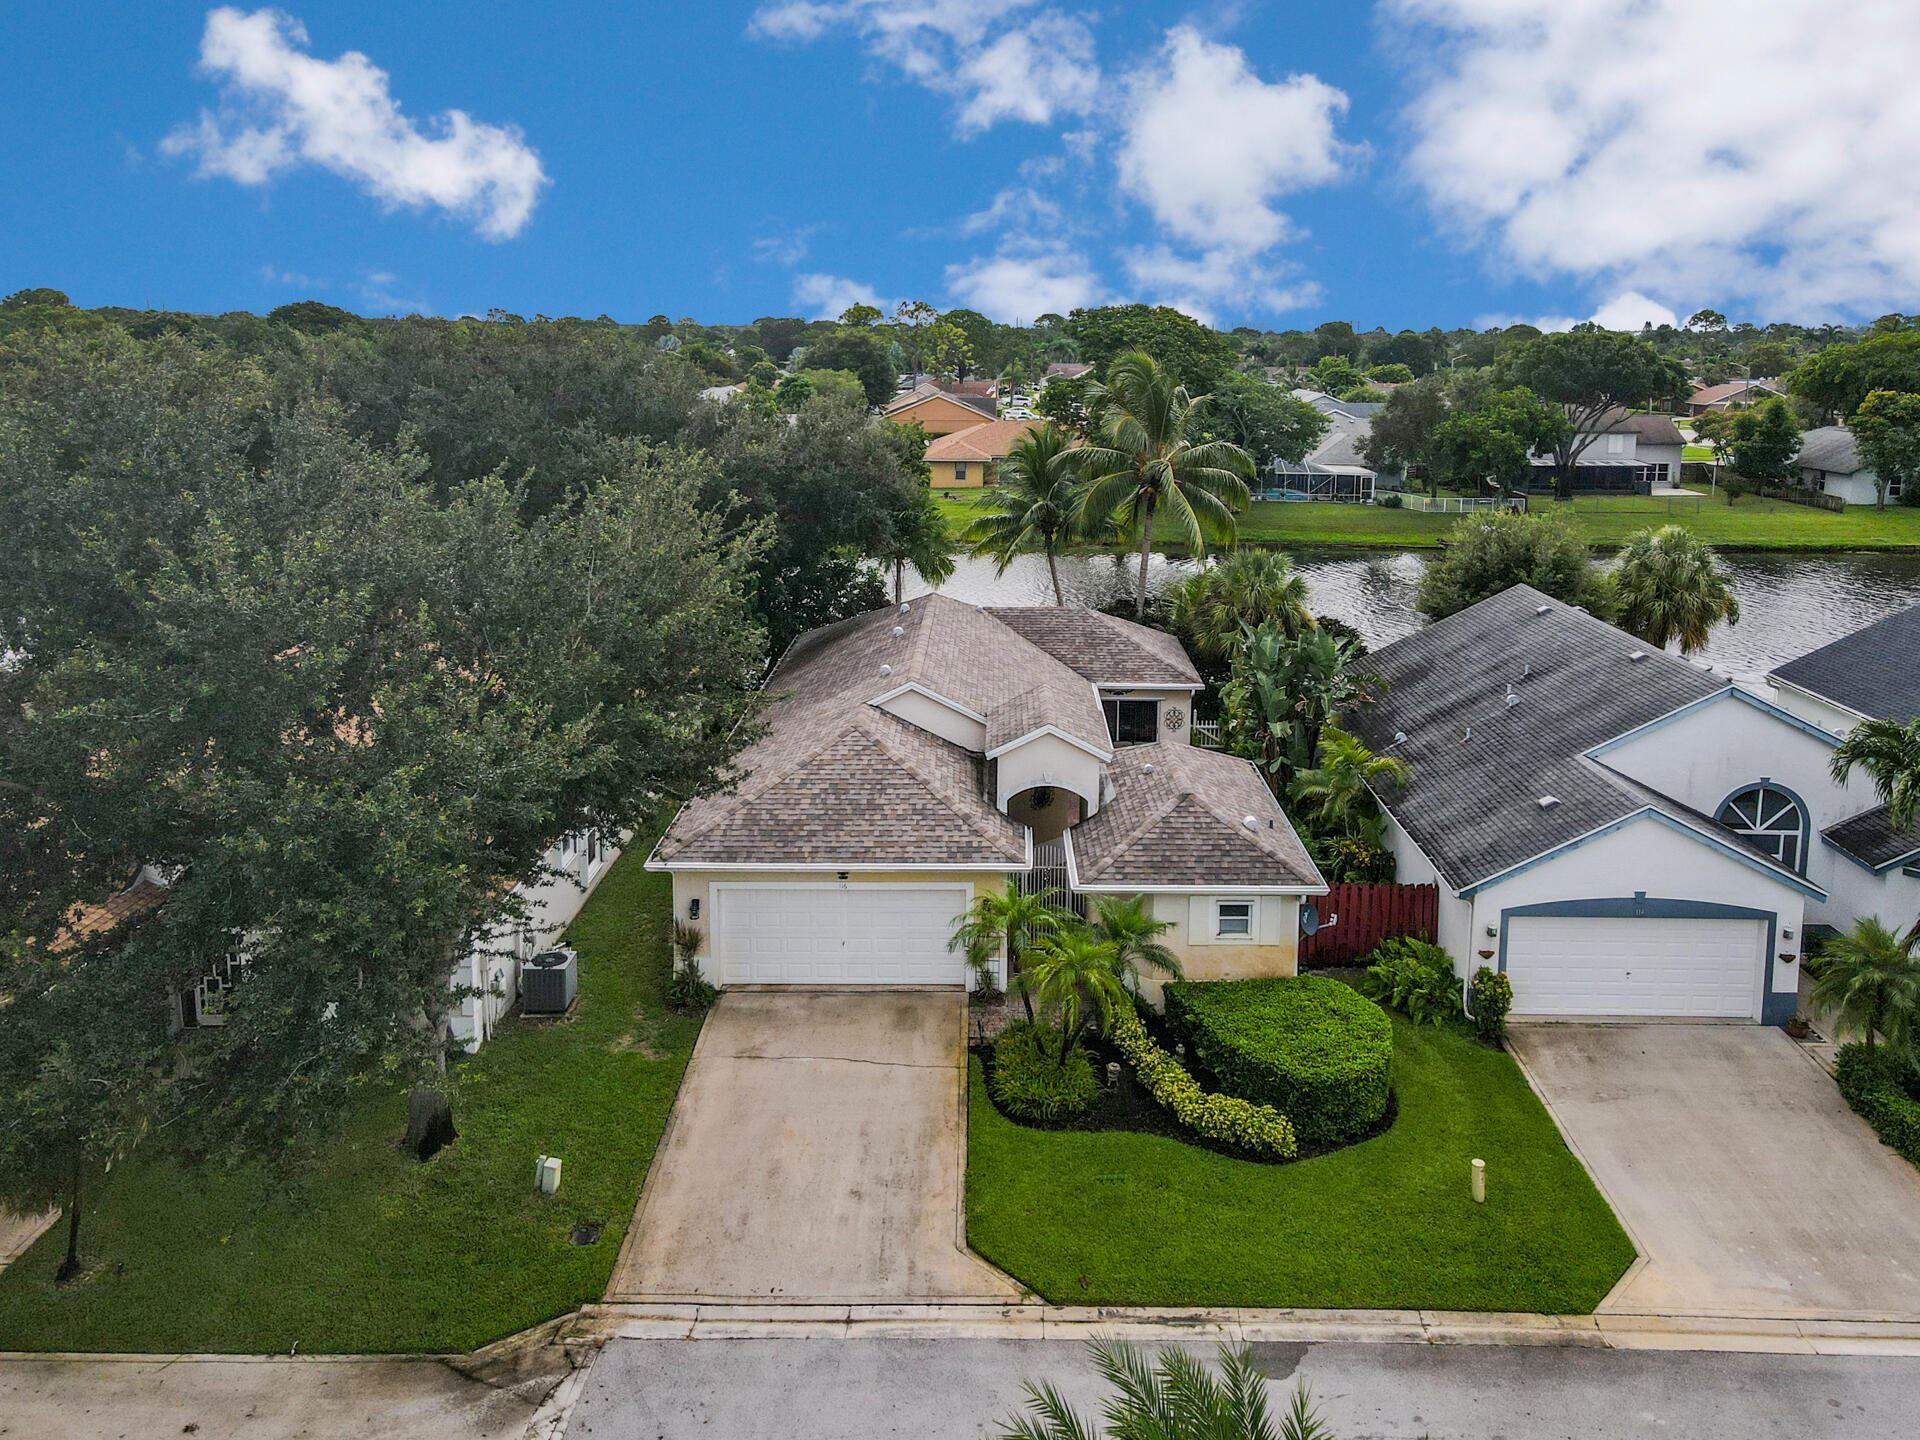 Photo of 116 Stirrup Lane, Royal Palm Beach, FL 33411 (MLS # RX-10736323)